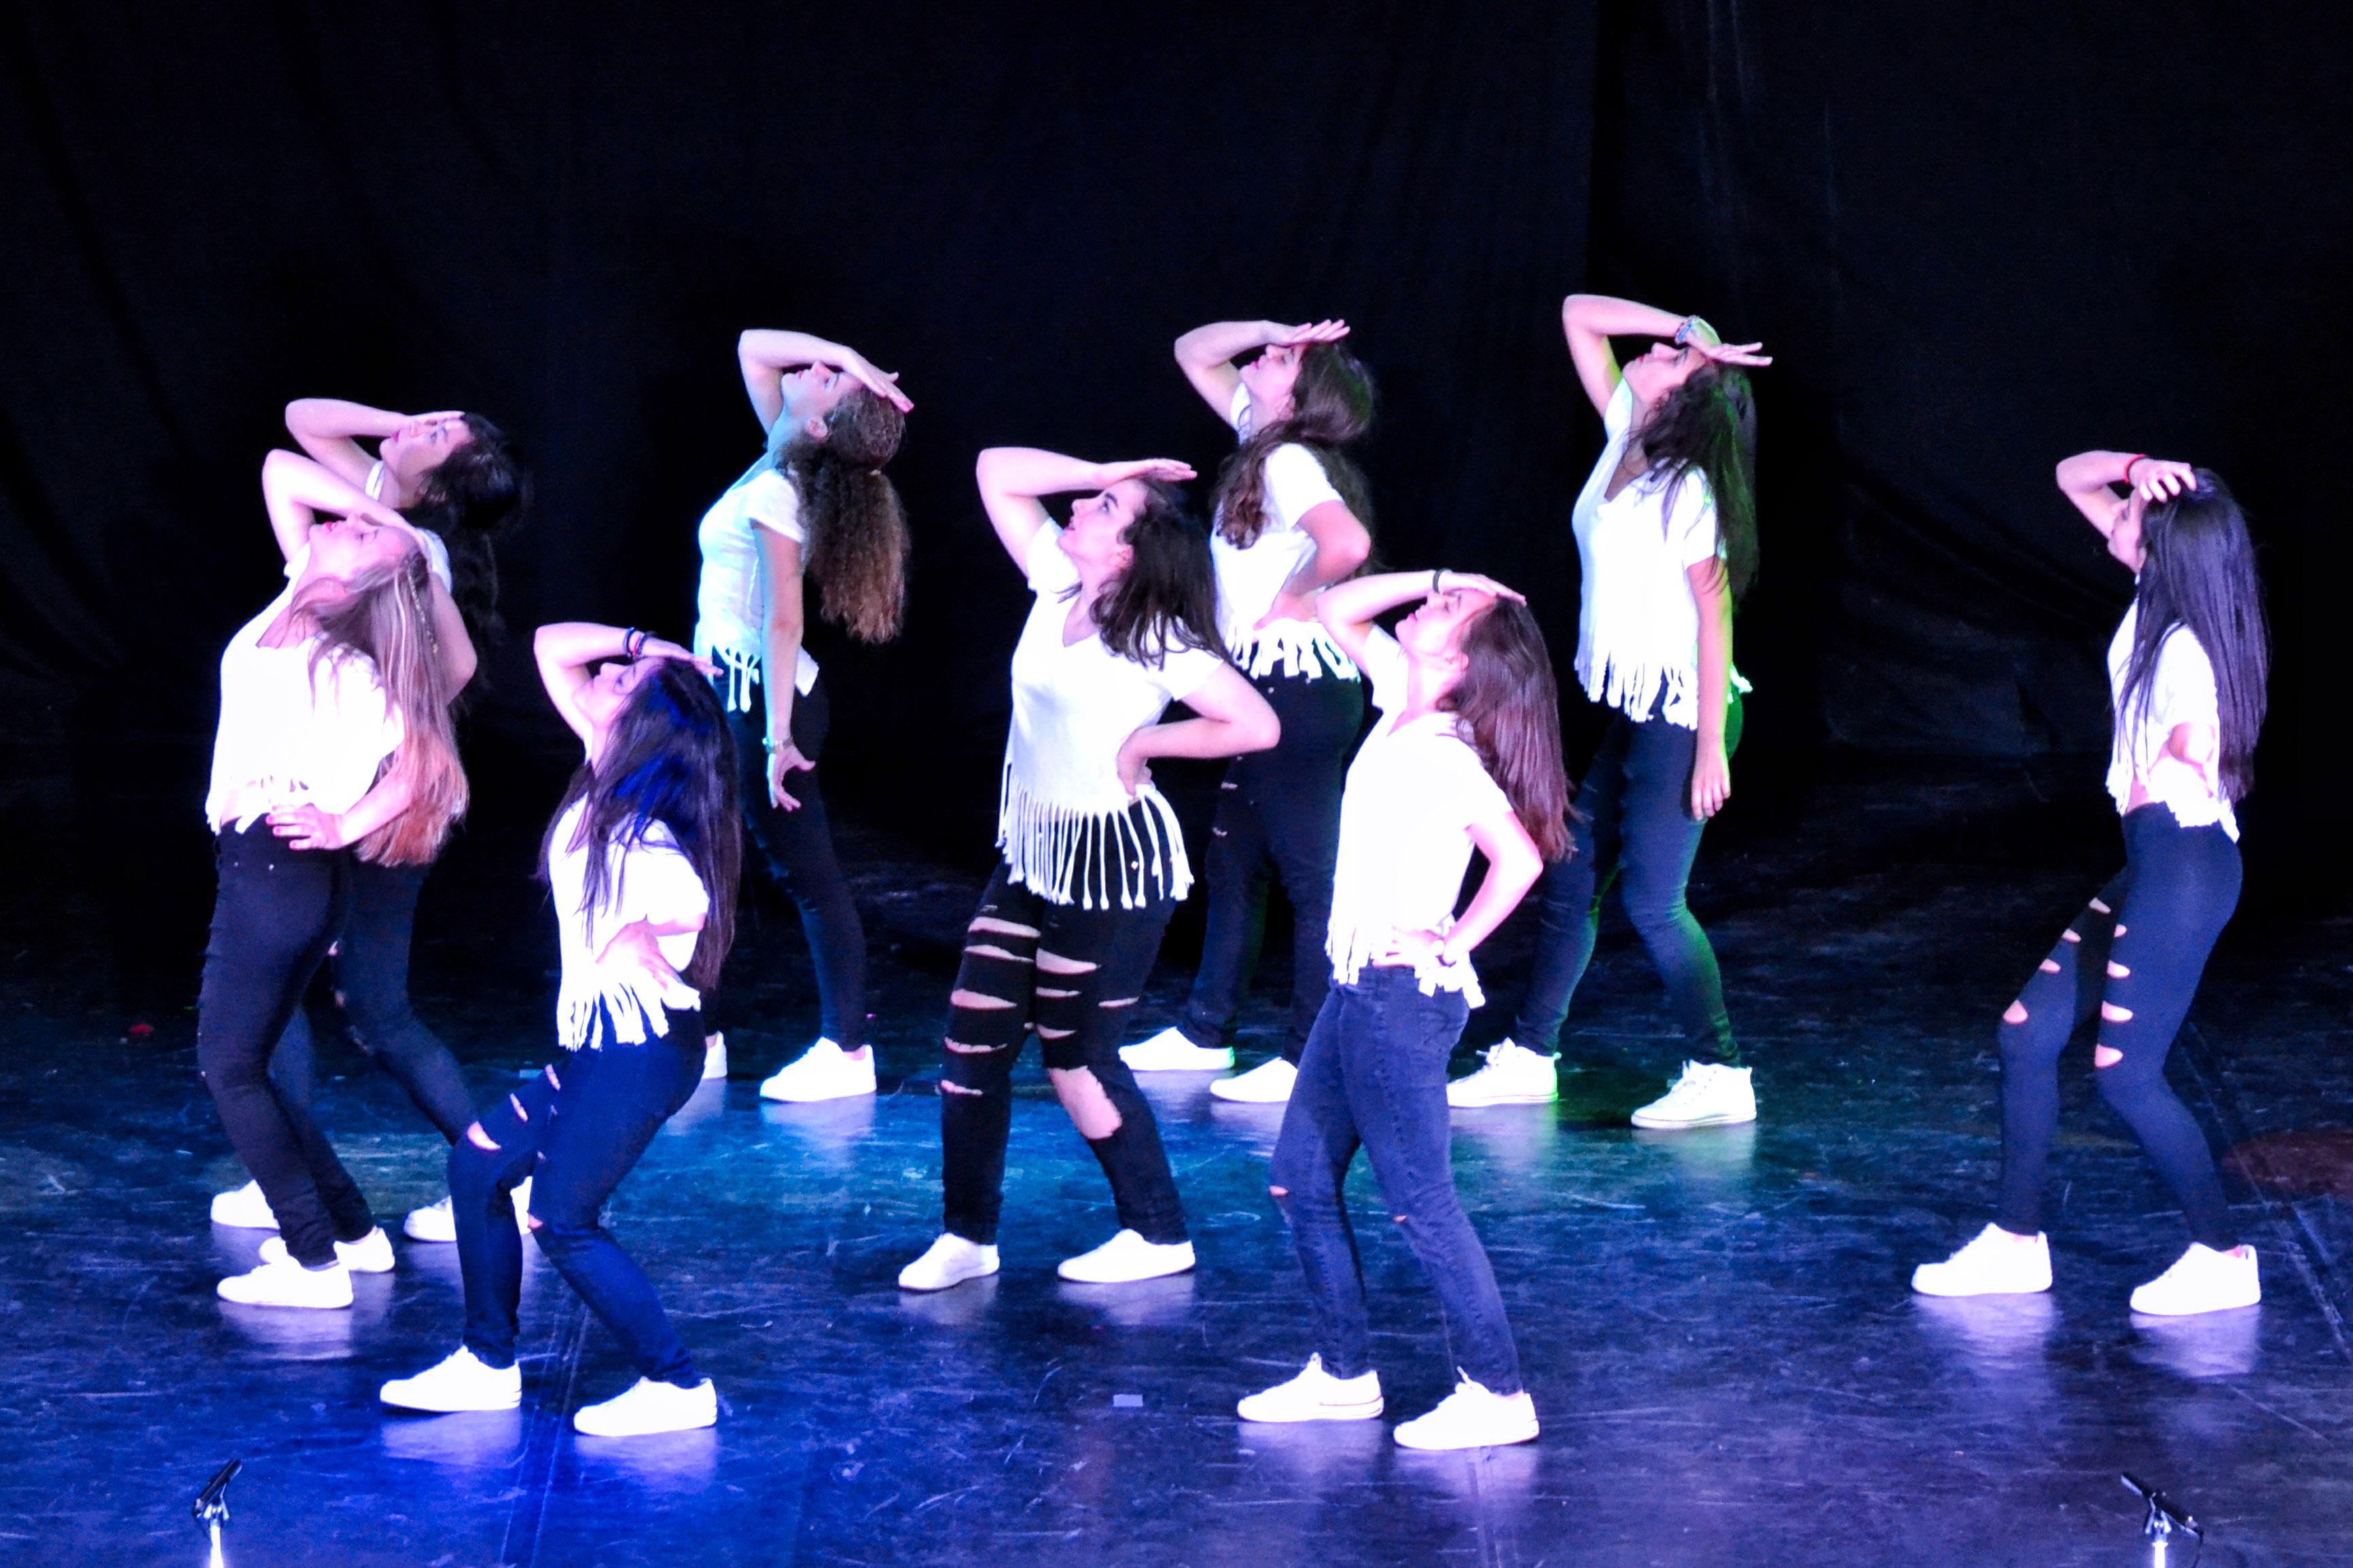 Linea-de-Baile-festival-verano-2015-clases-de-baile-valencia-184